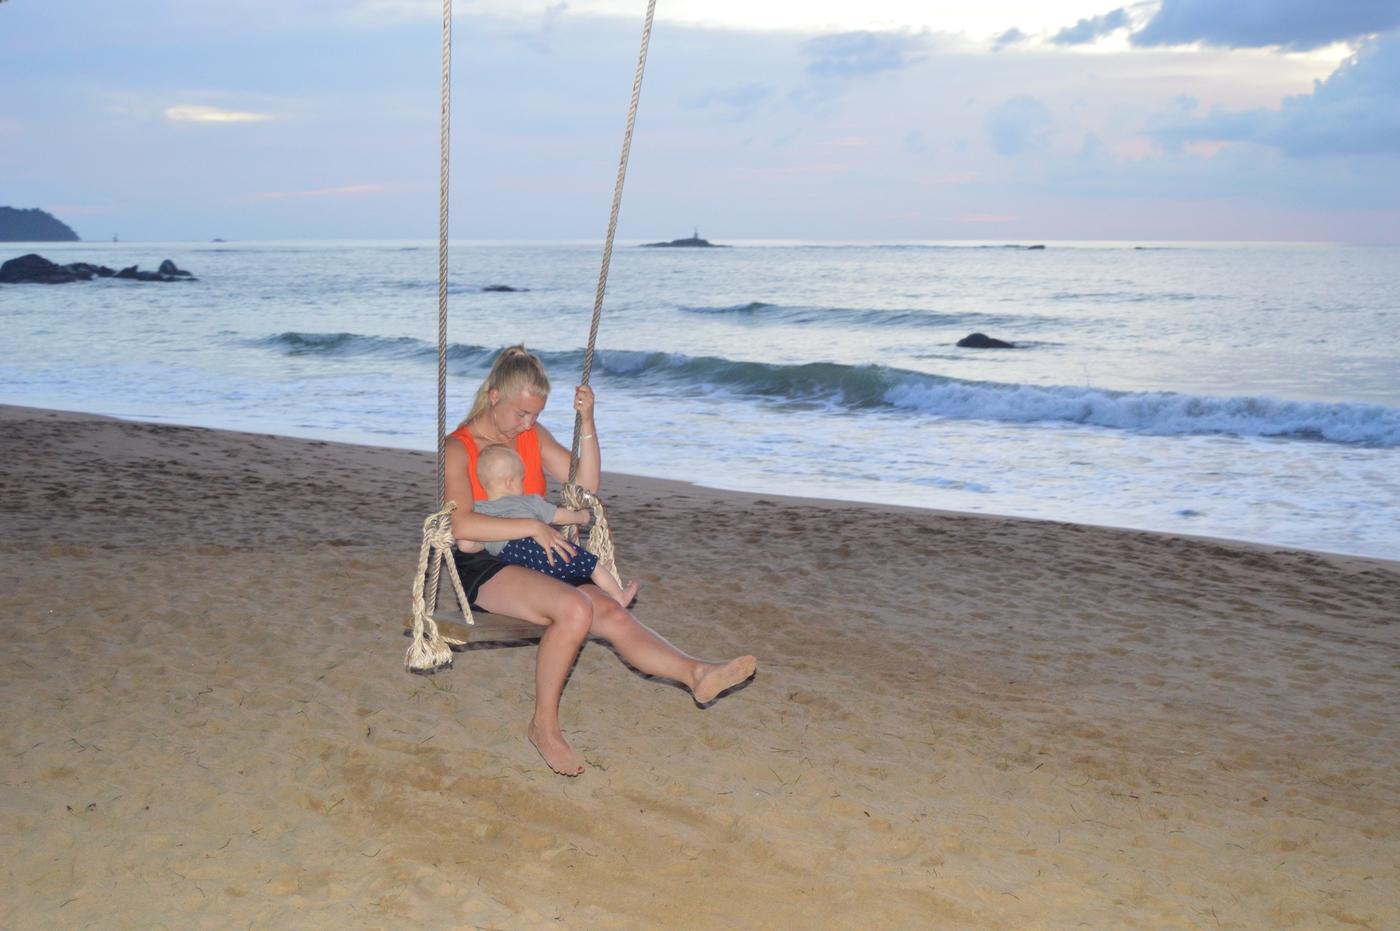 Vauvan kanssa Thaimaahan: kokemukset